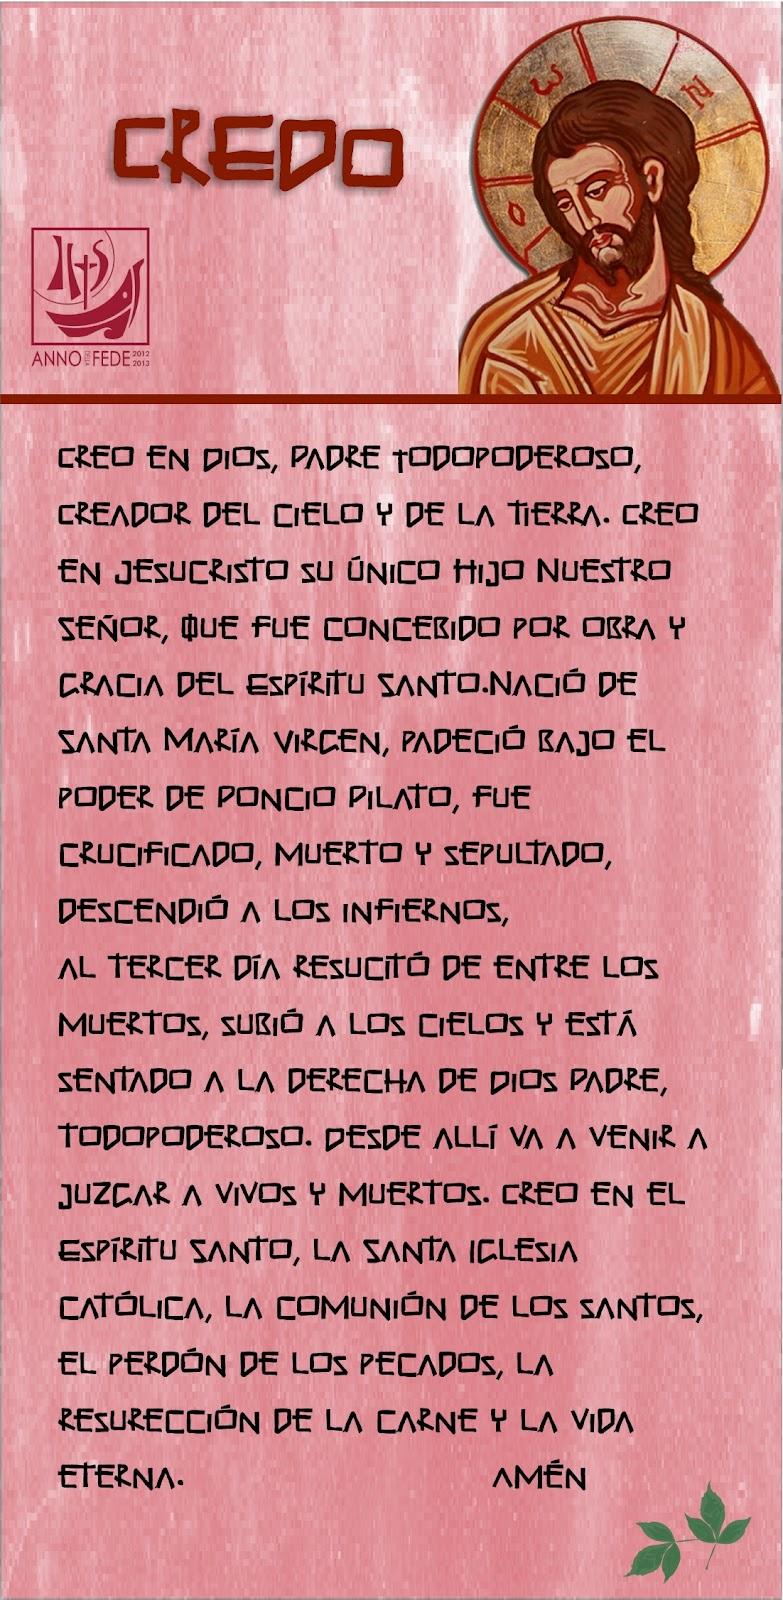 Tarjetas Y Oraciones Catolicas Credo De Los Apóstoles Español